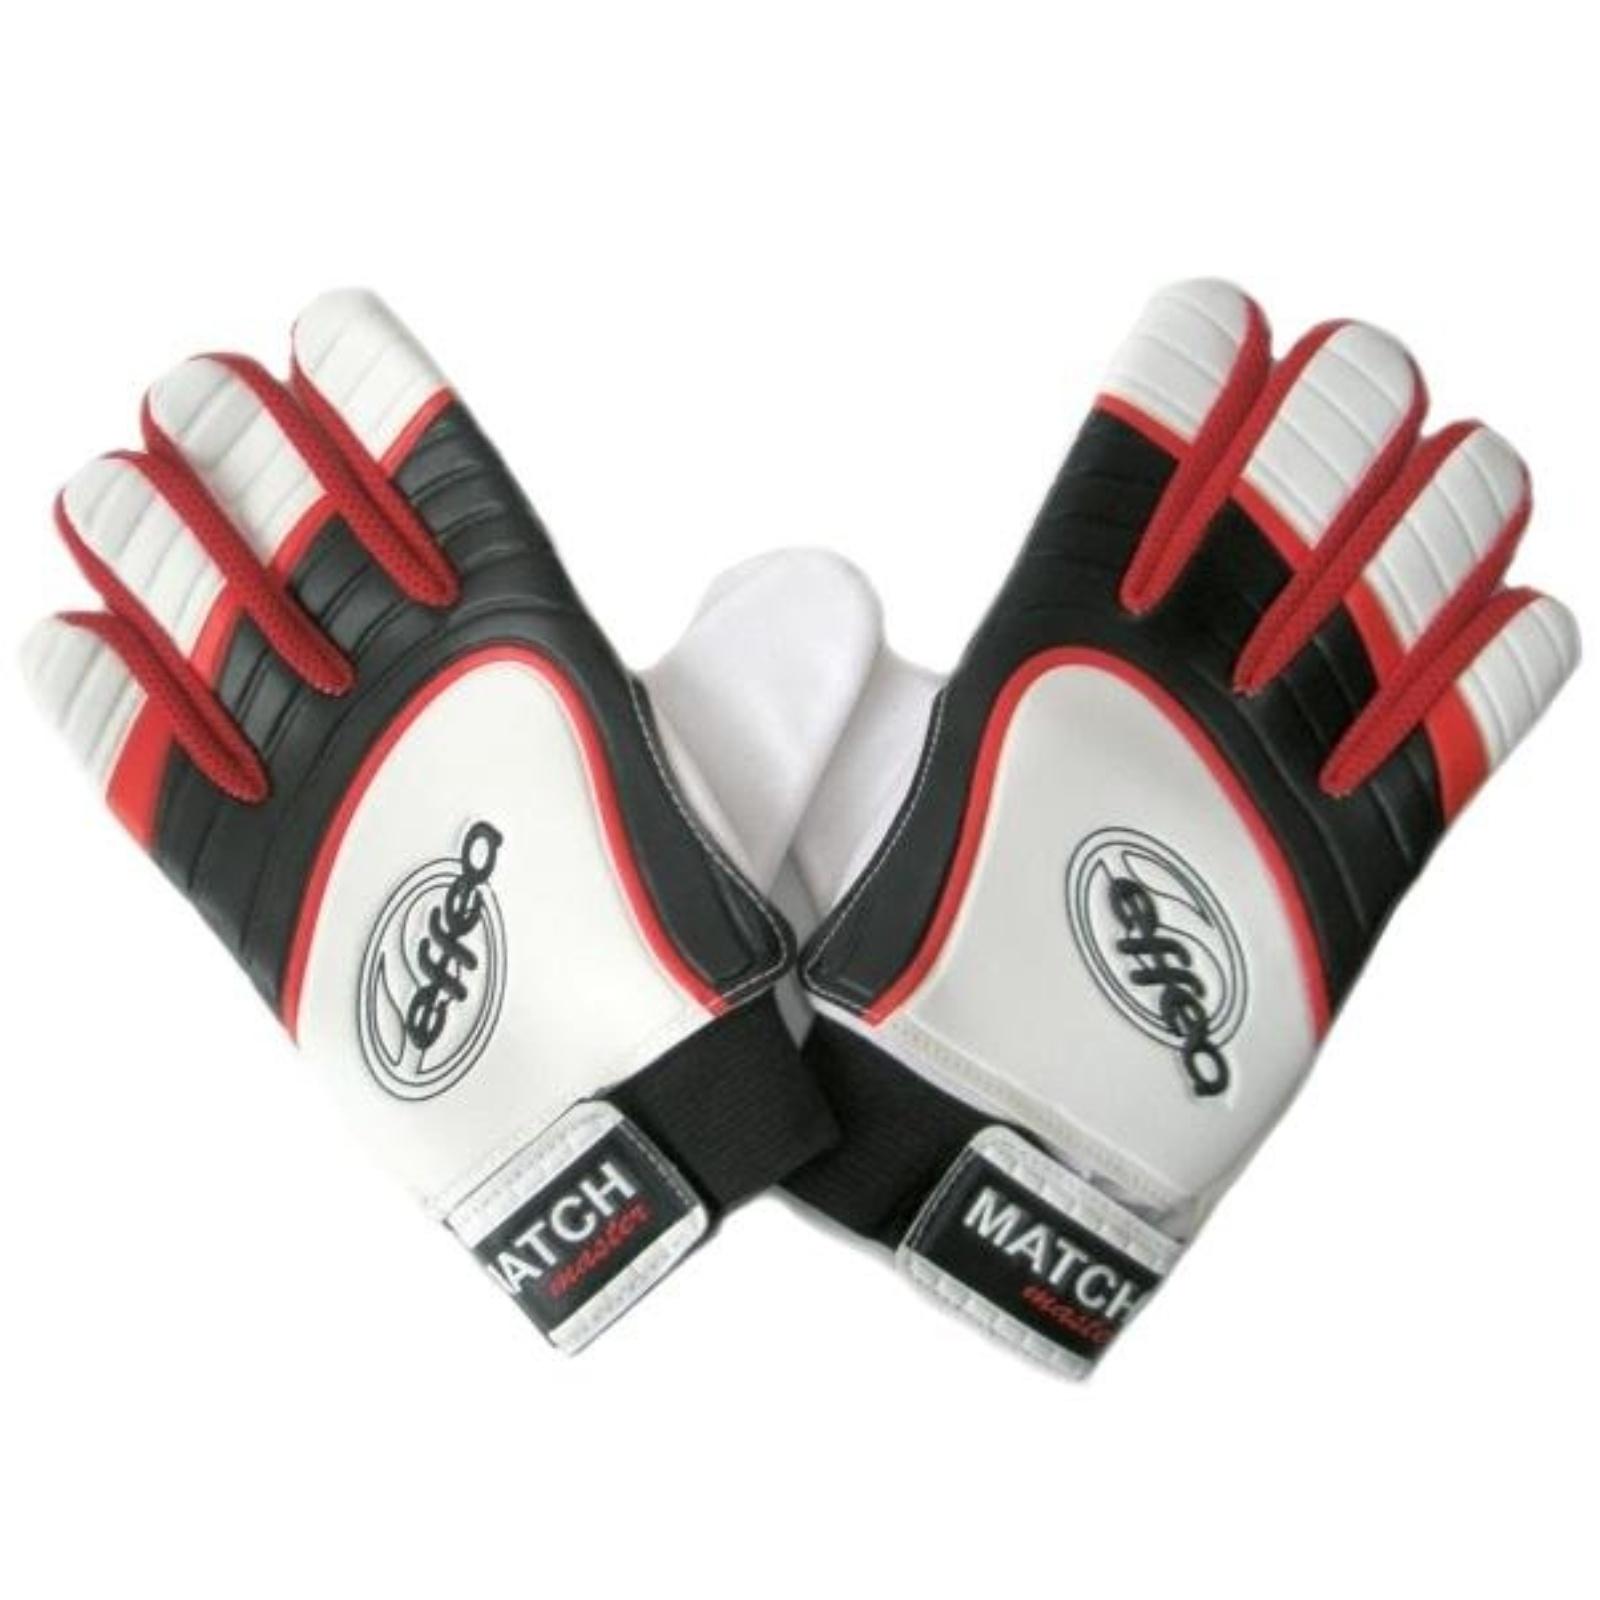 Fotbalové rukavice EFFEA 6019 dětské - vel. 9